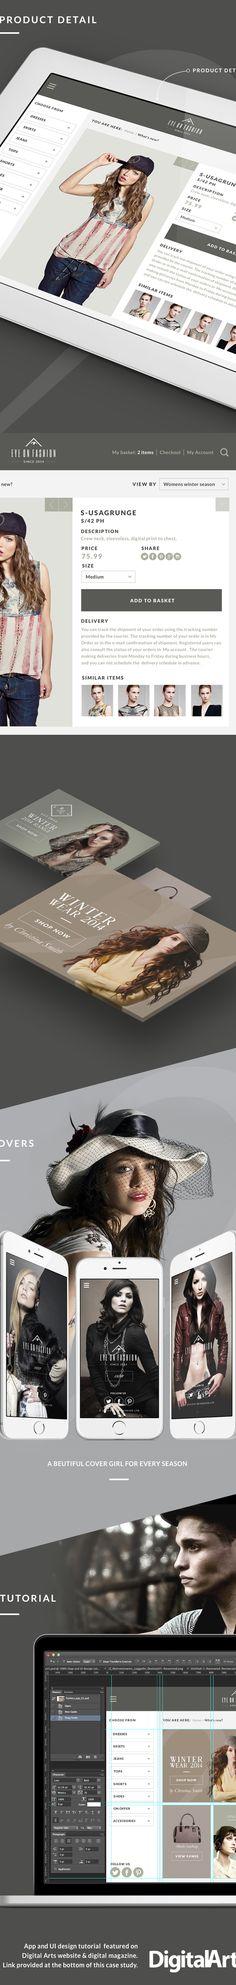 Fashion iPad app UI Tutorial on Digital Arts online on Web Design Served